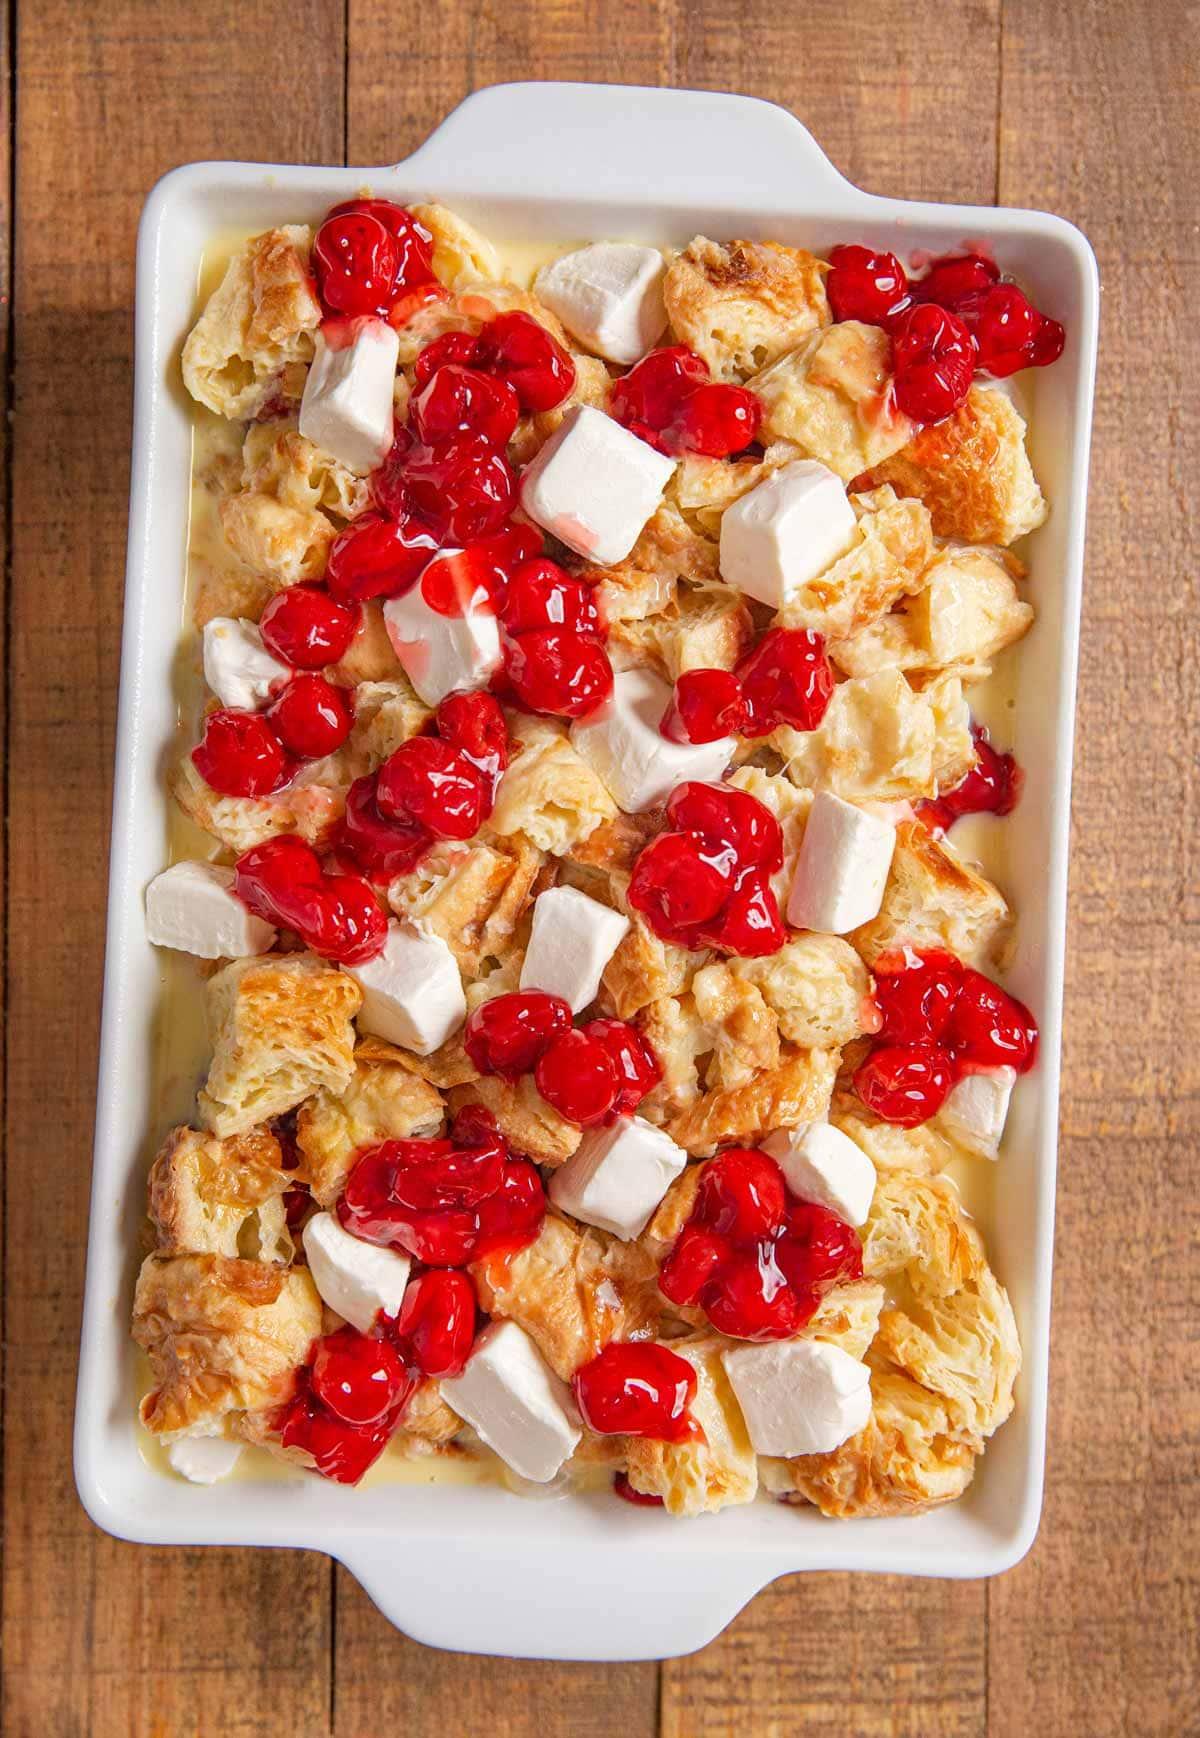 Cherry Danish Breakfast Bake before baking